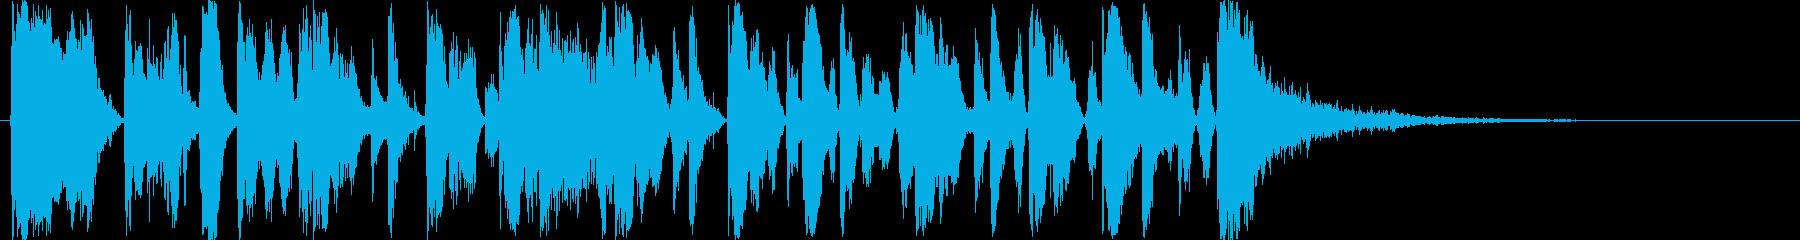 Brass Funk 15秒CMの再生済みの波形